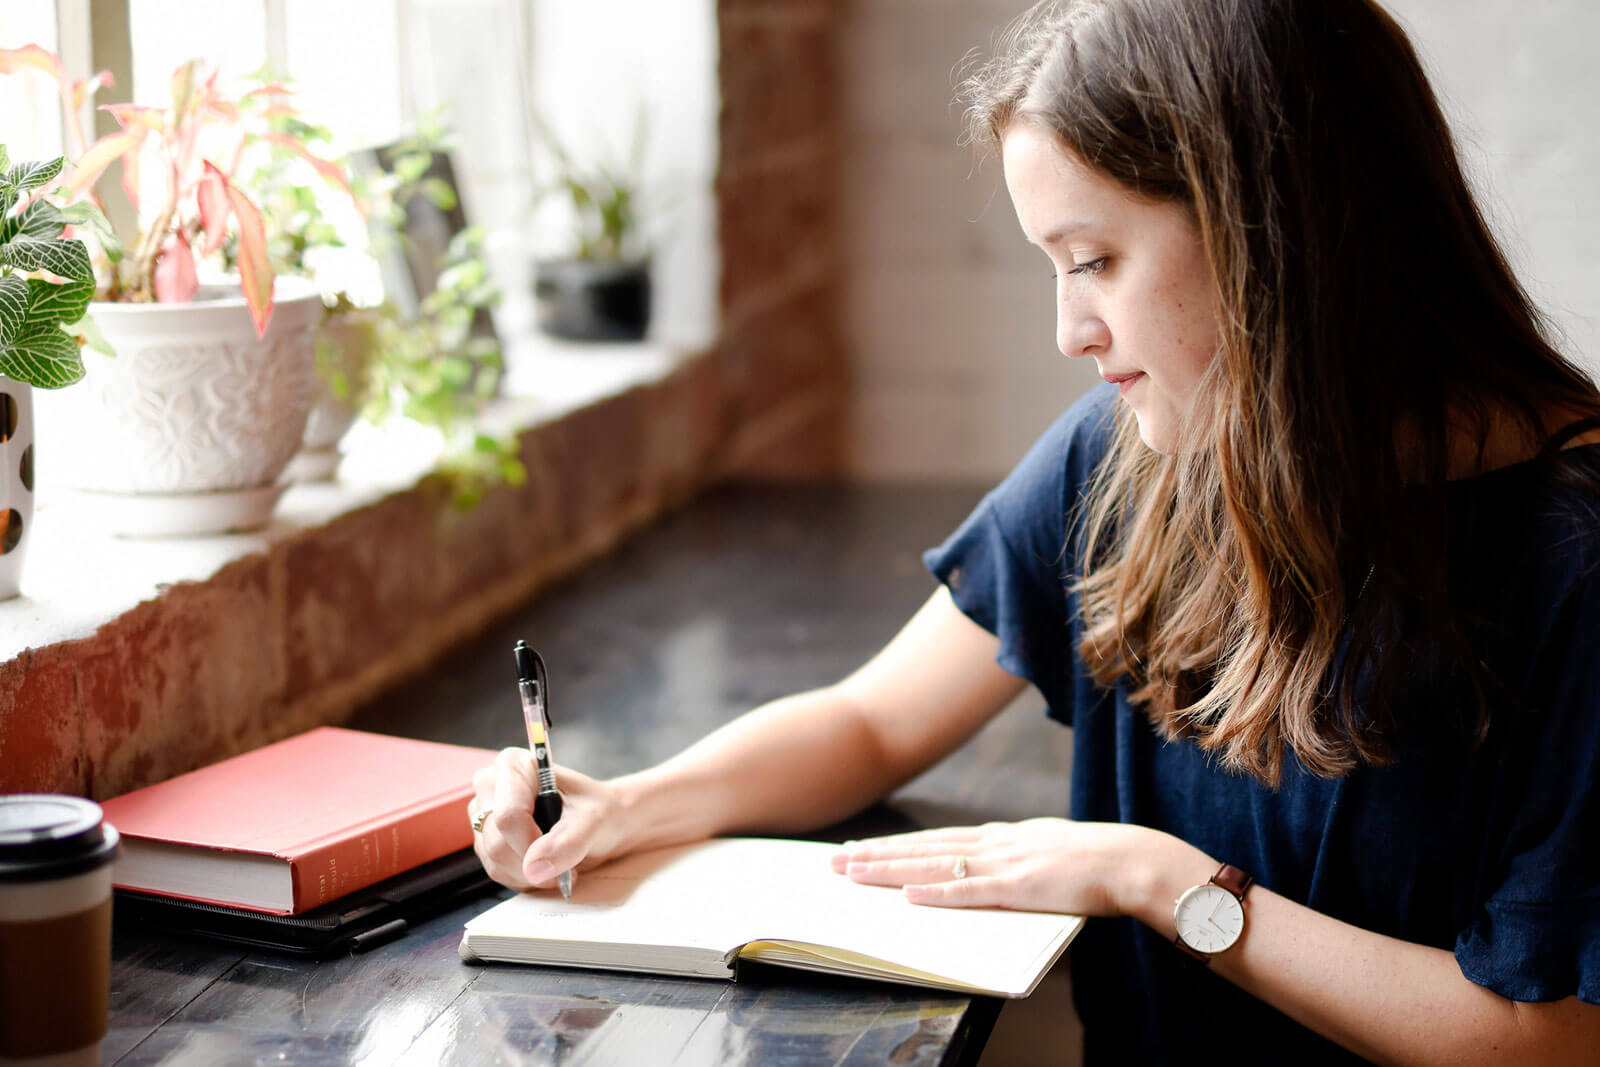 Rapariga a escrever num caderno, sobre uma mesa junto a uma janela.